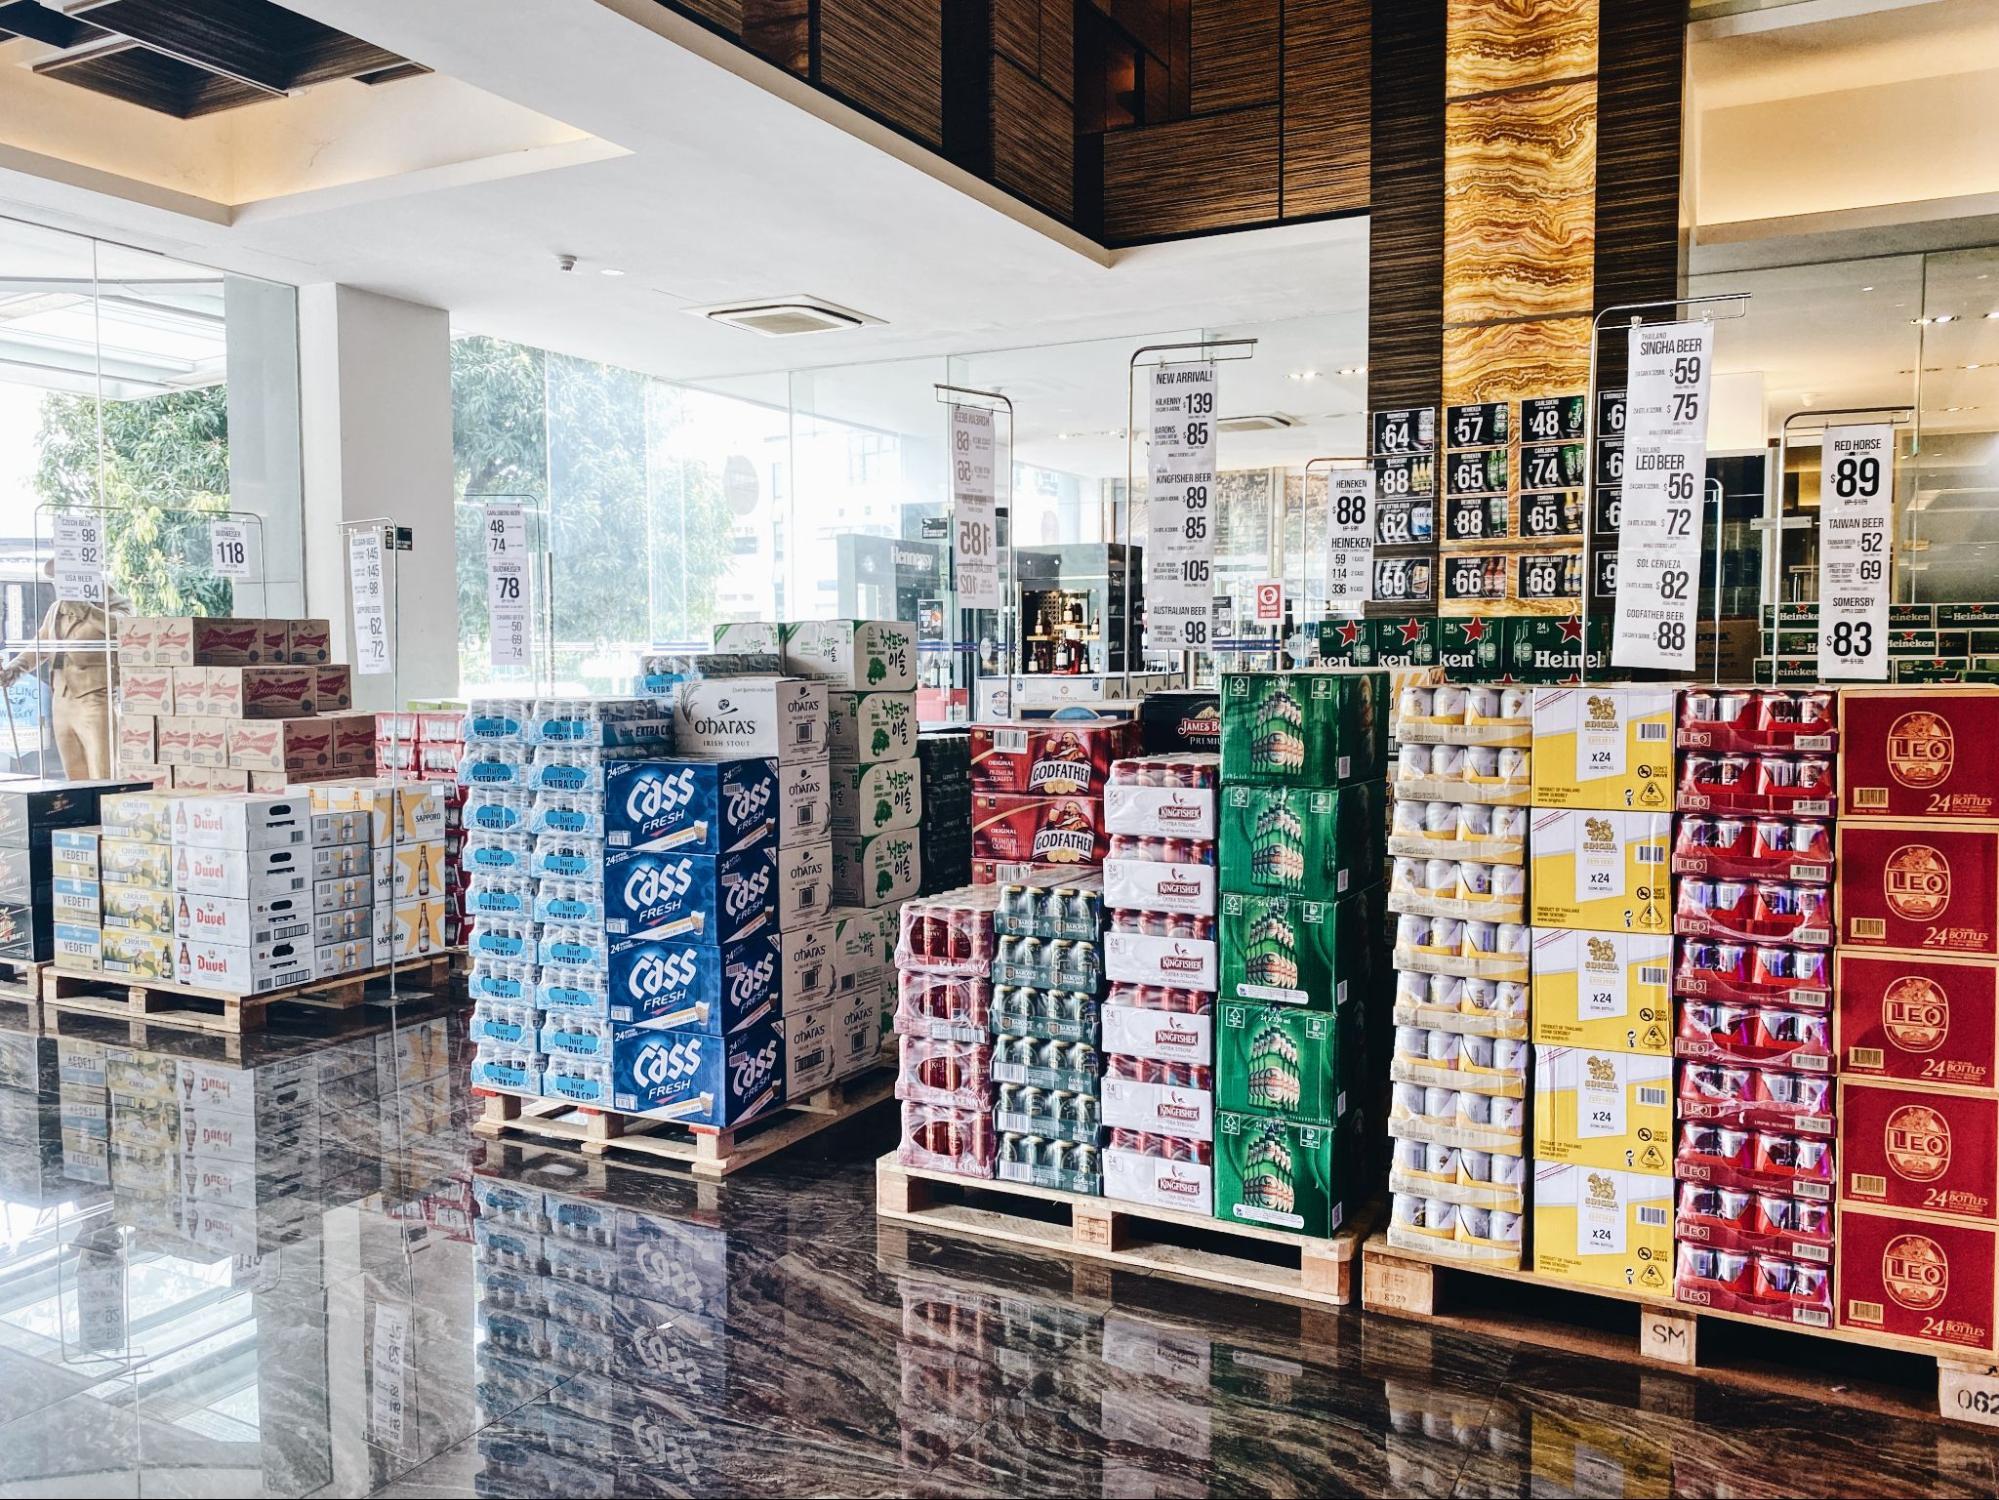 cellarbration beer